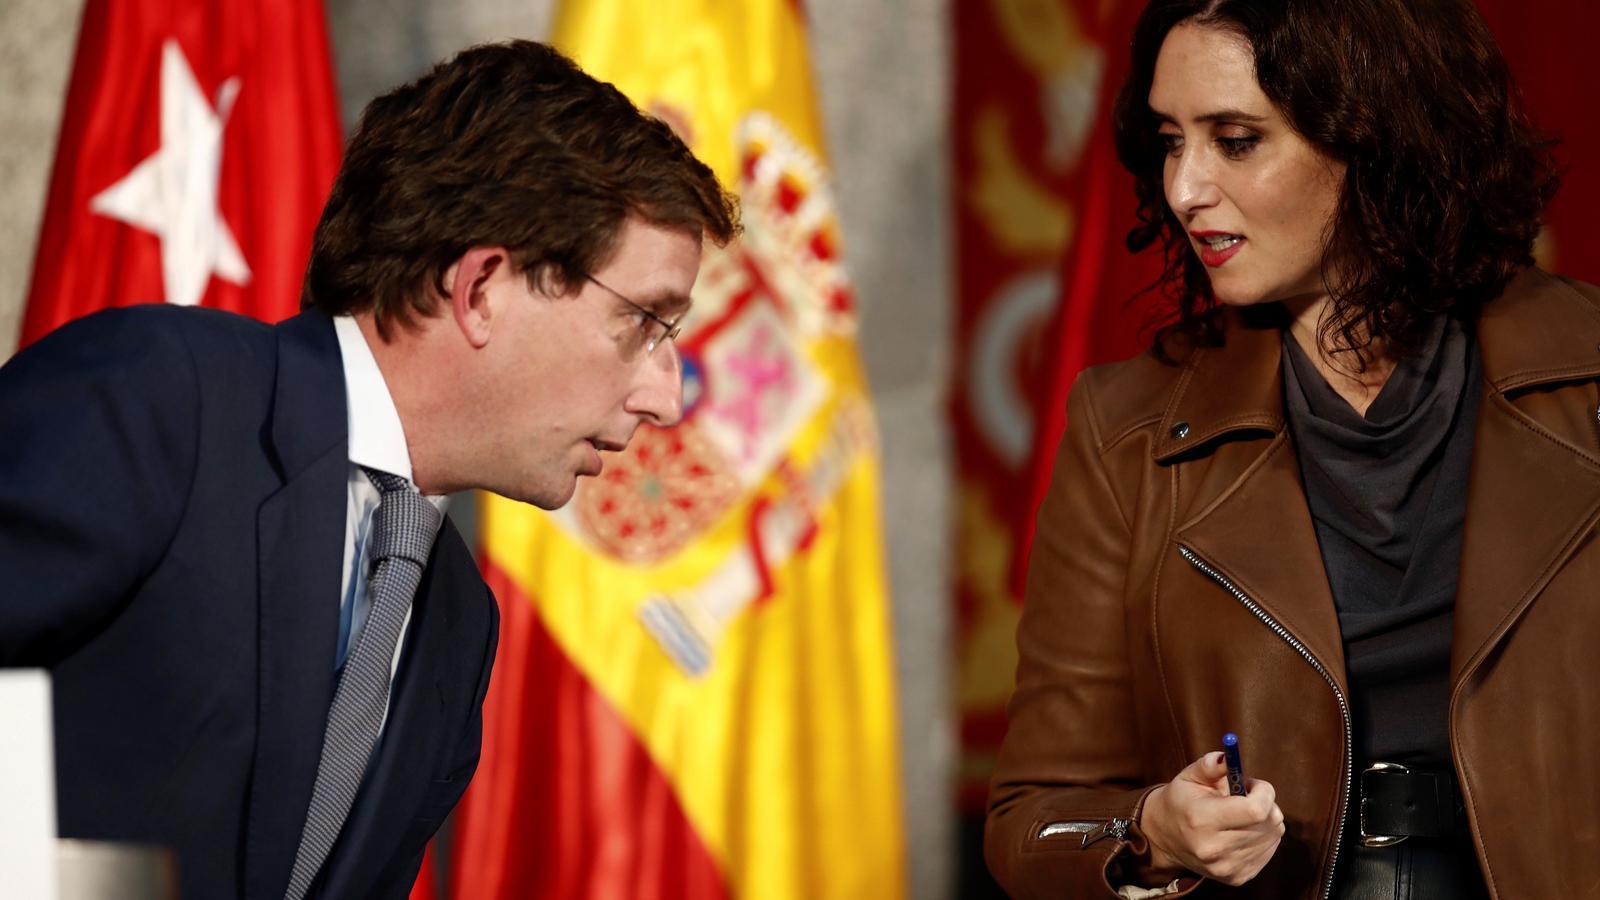 L'alcalde de Madrid, Jose Luis Martínez-Almeida, i la presidenta madrilenya, Isabel Díaz Ayuso, durant la roda de premsa conjunta per demanar la fi de l'estat d'alarma.